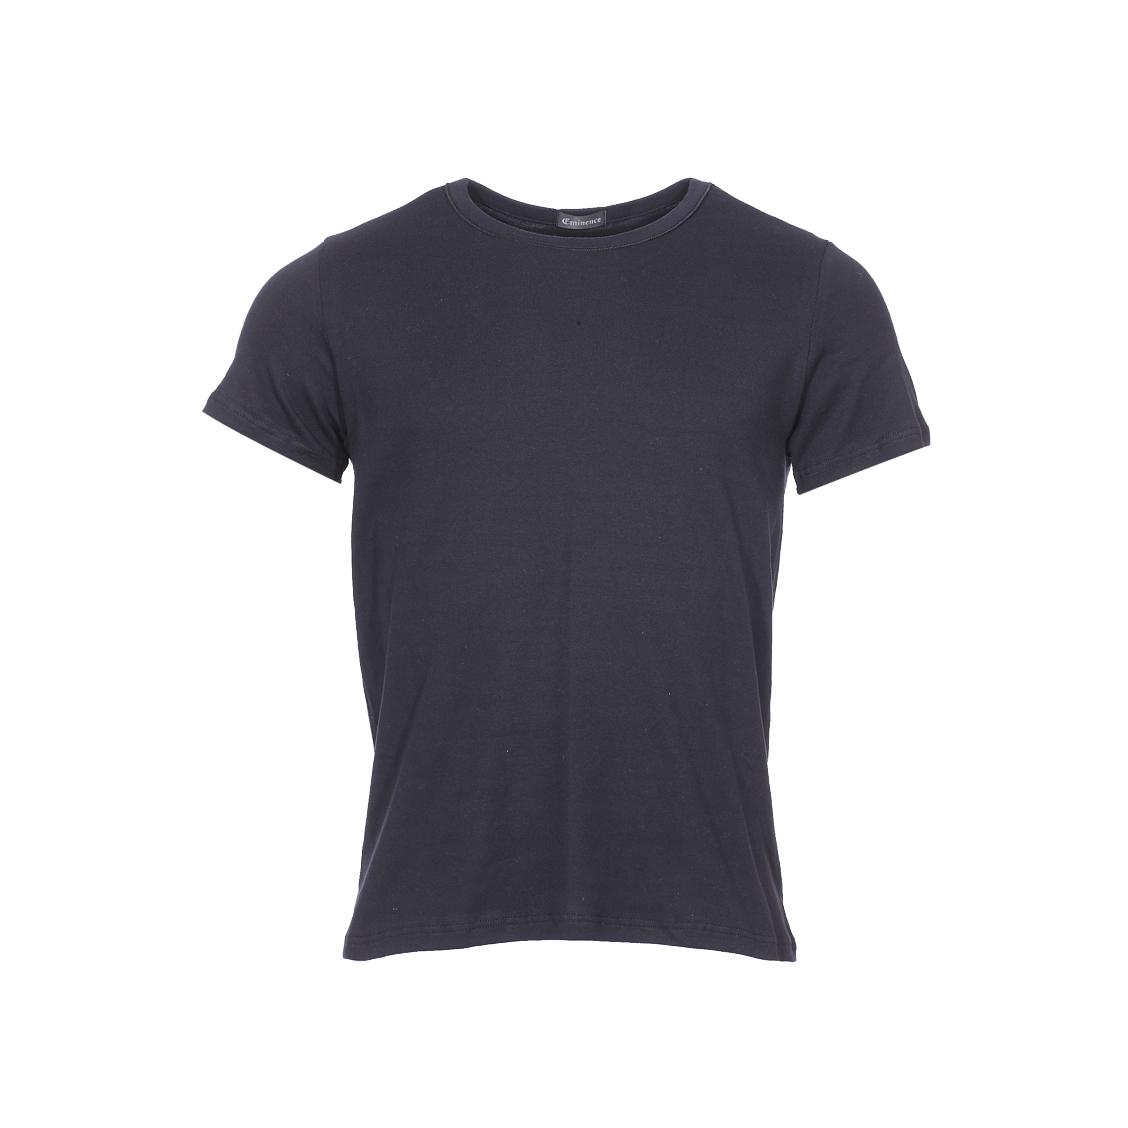 Tee-shirt col rond Eminence L'Optimum en coton noir, tissu français